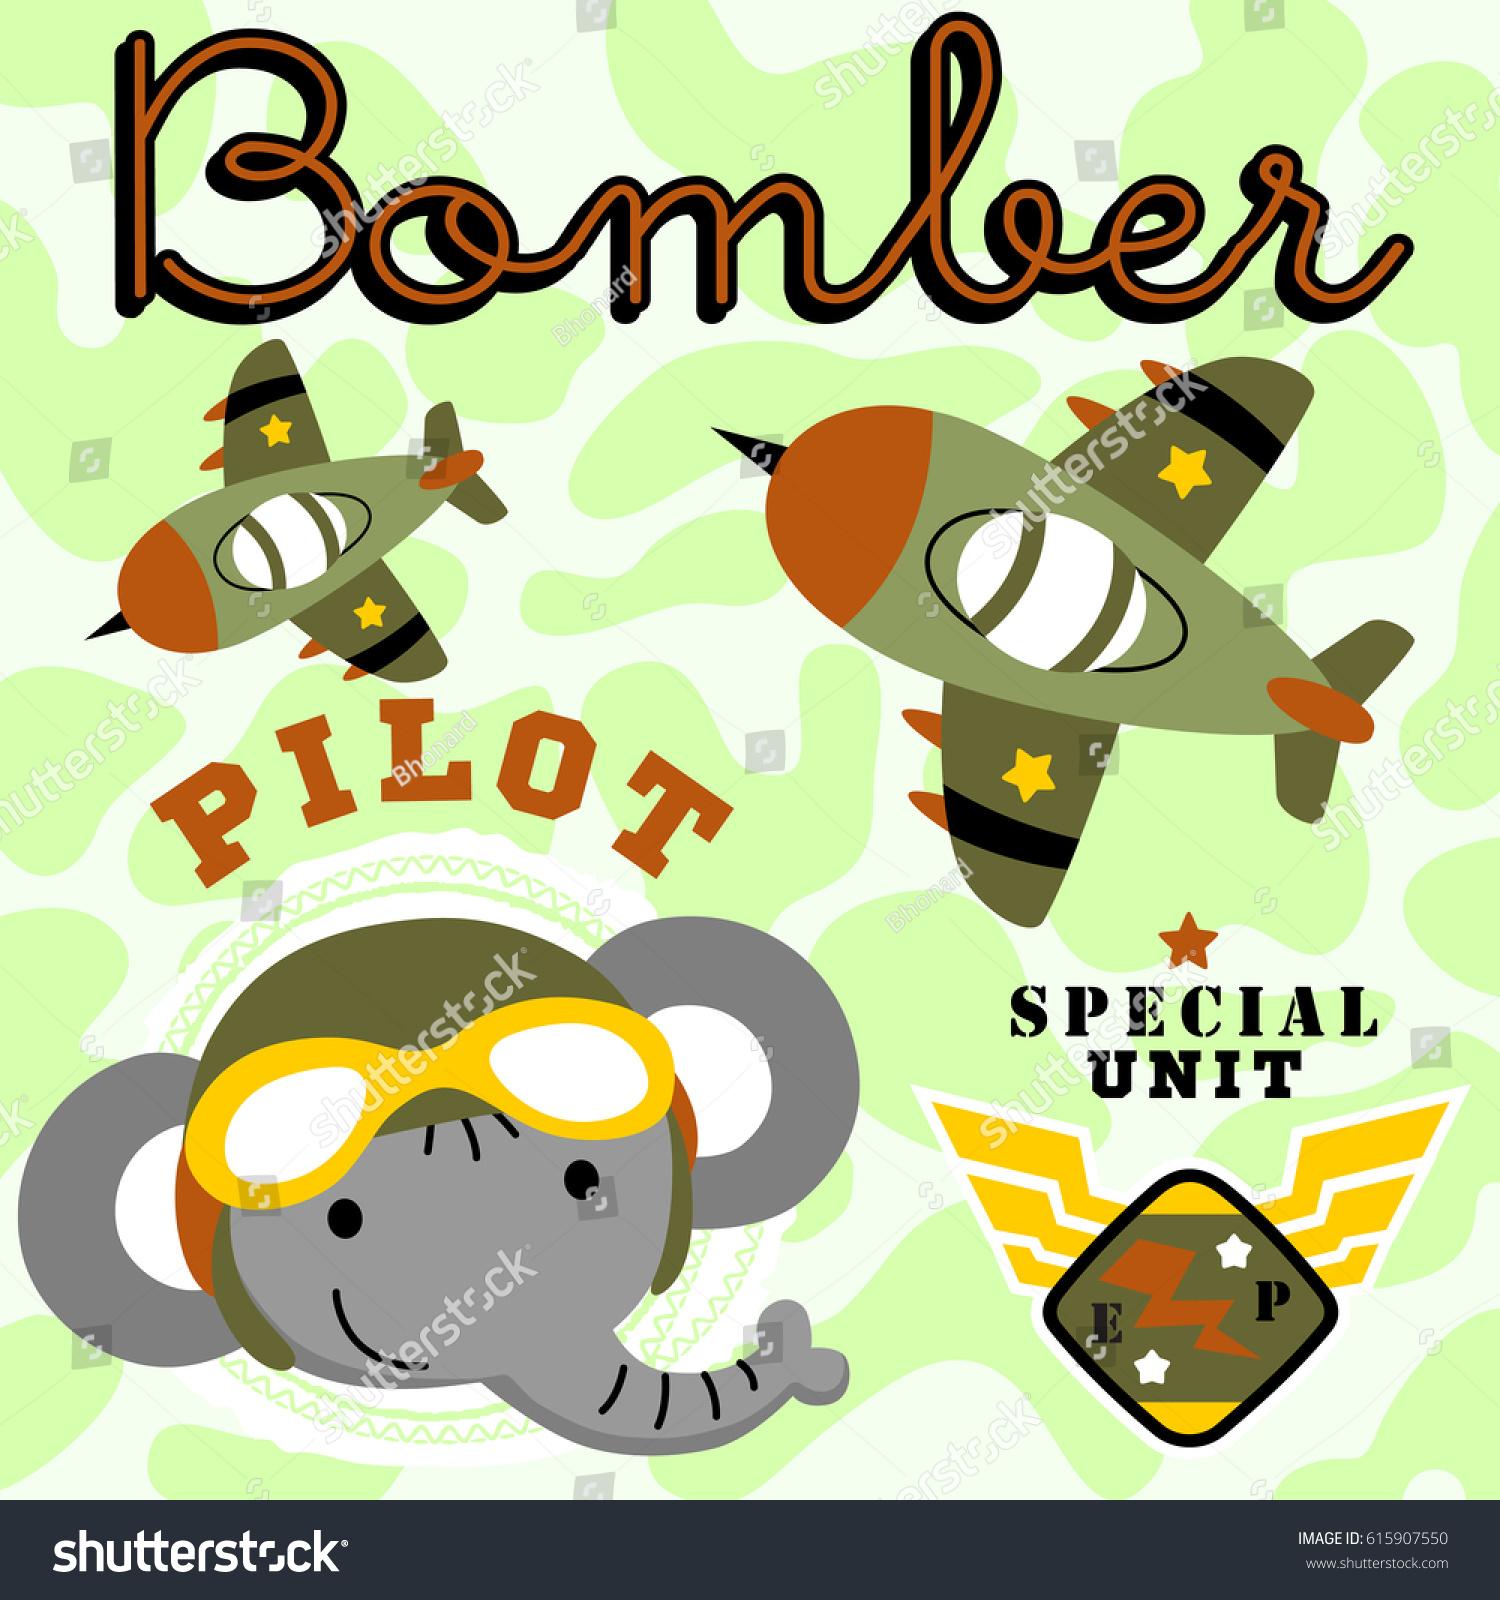 Most Inspiring Wallpaper Cartoon Elephant - stock-vector-elephant-the-bomber-air-craft-pilot-vector-cartoon-kids-t-shirt-design-wallpaper-615907550  Pictures_743418  .jpg